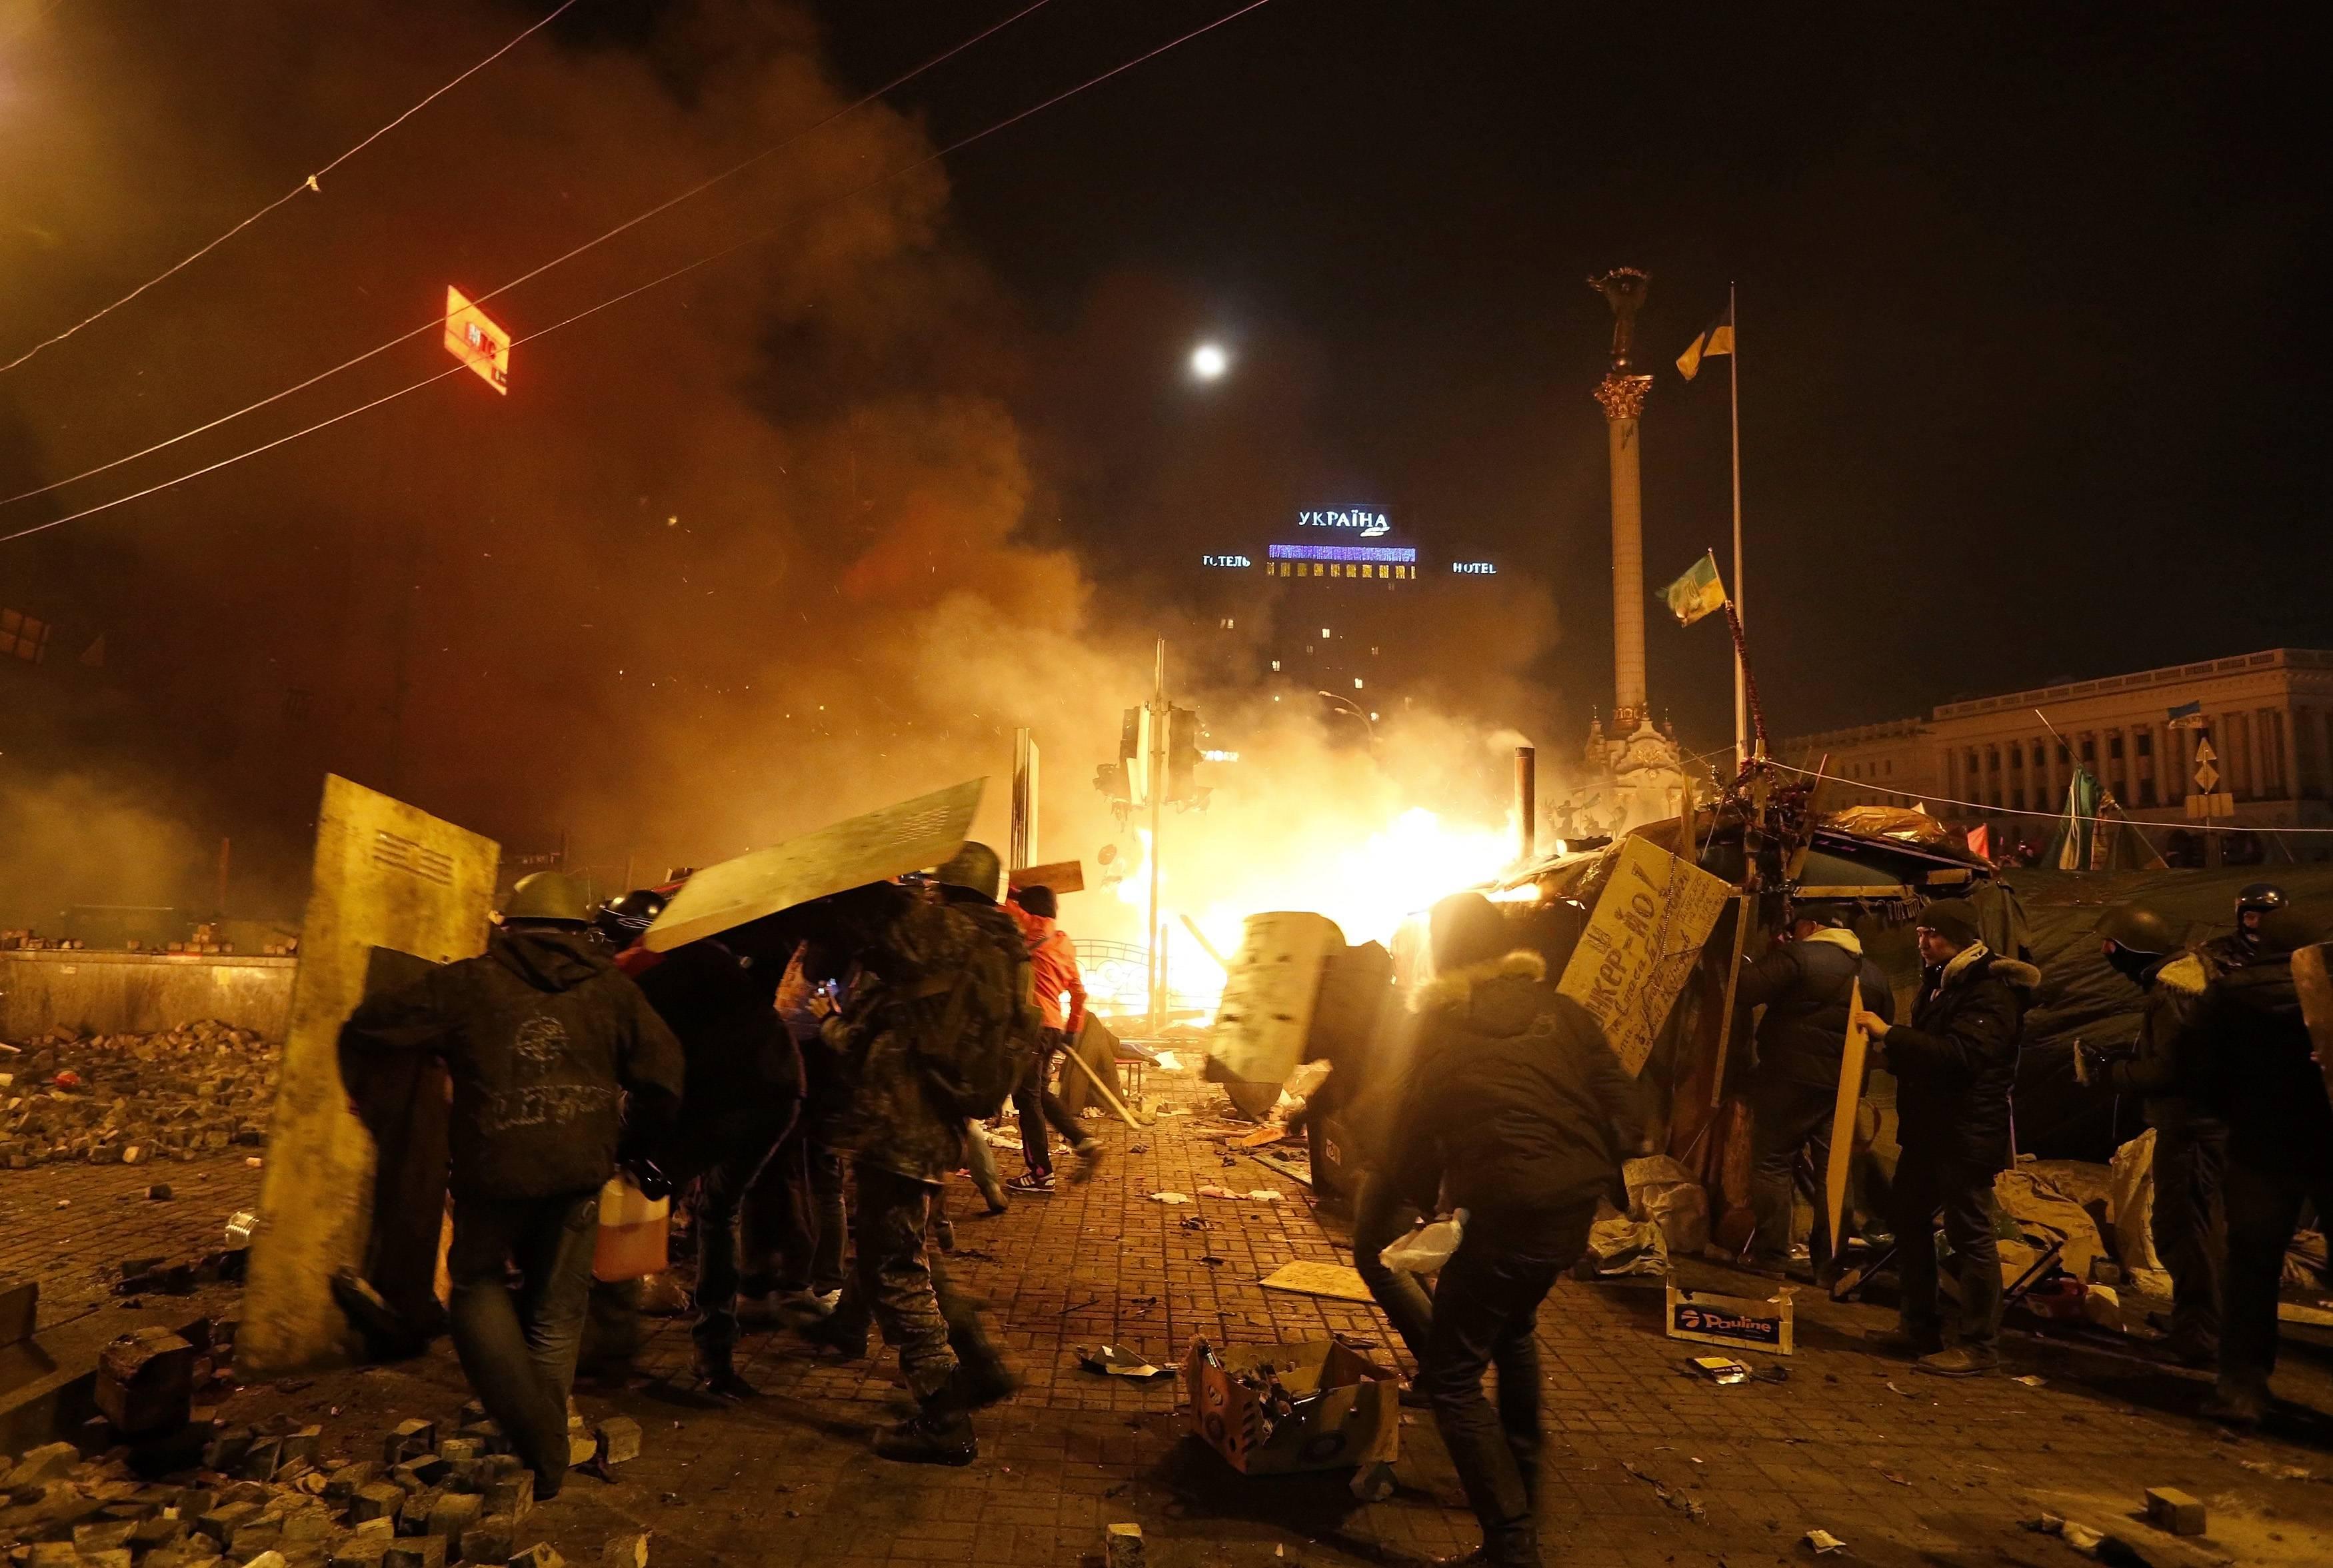 Ситуация в Украине еще хуже, чем была до революции, считает польский публицист Роберт Хеда.